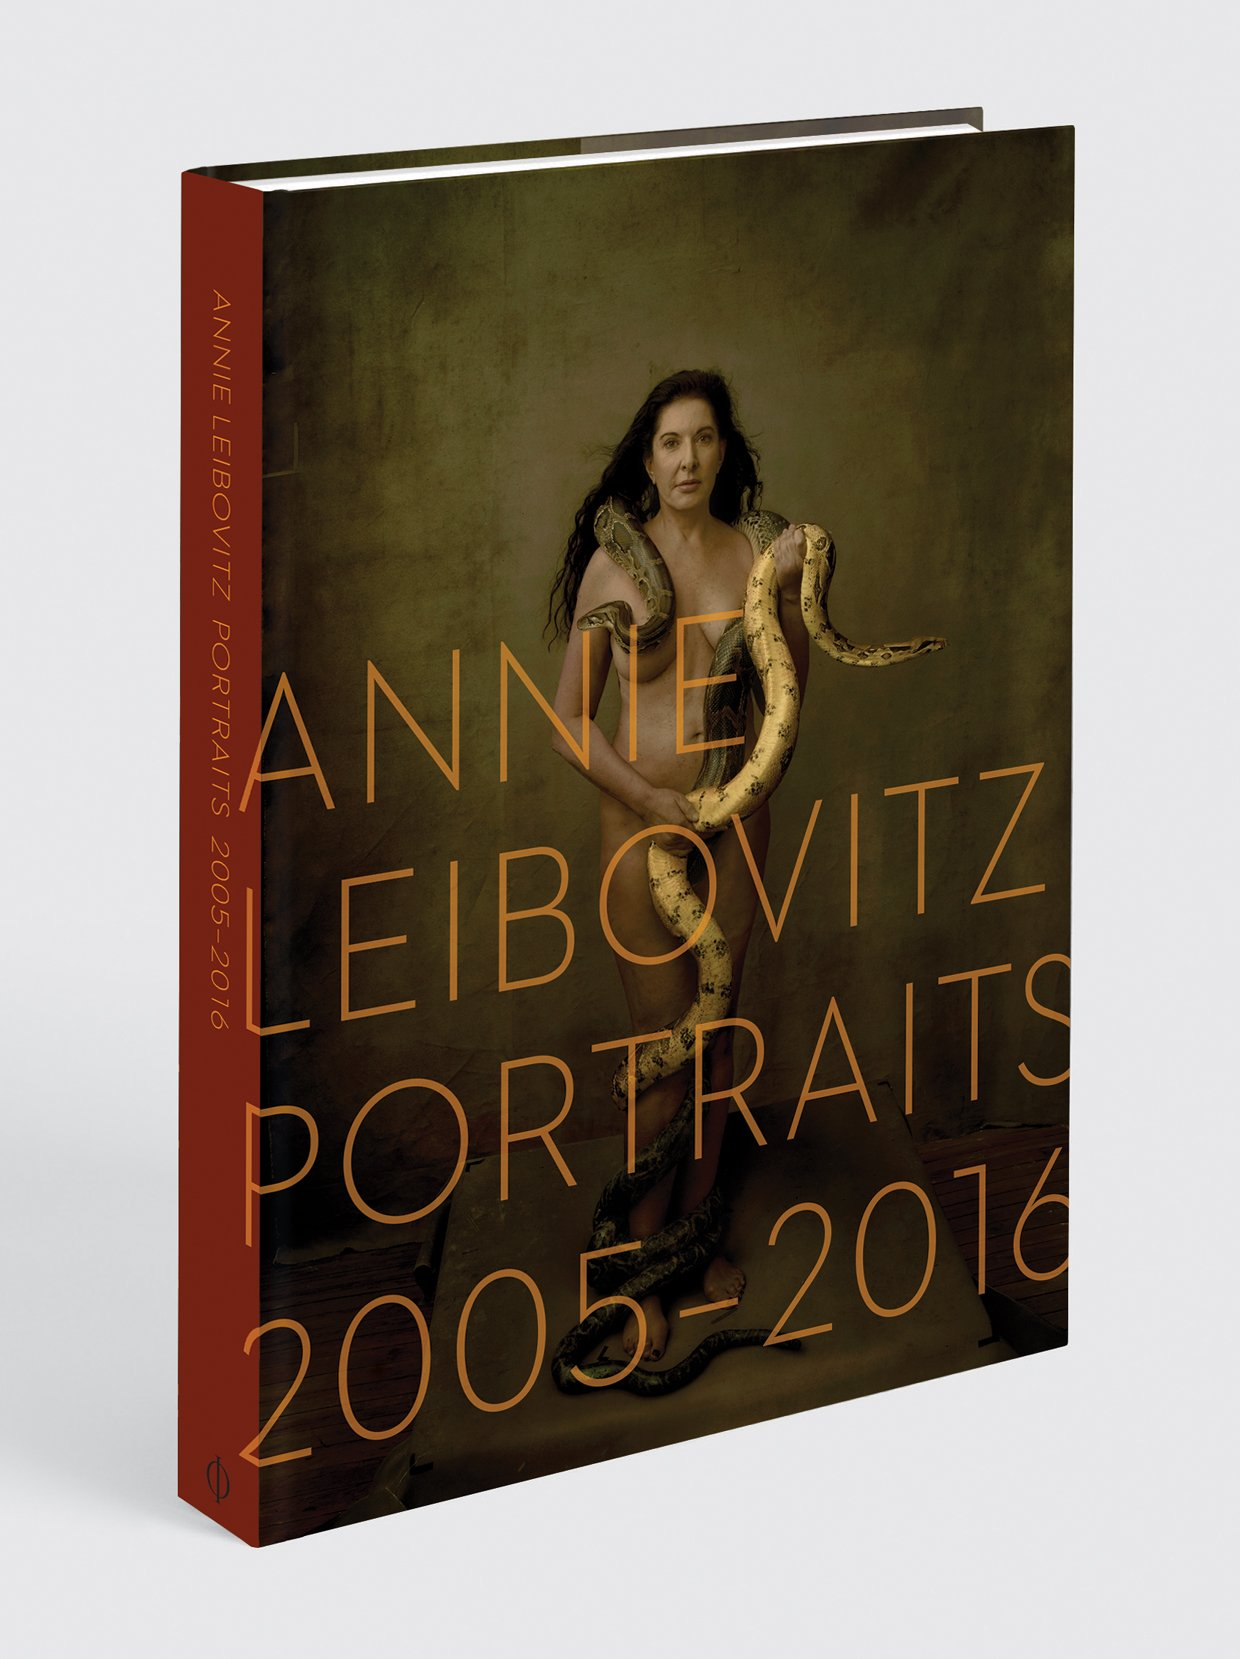 capa-annie-leibovitz-portraits-2005-2016